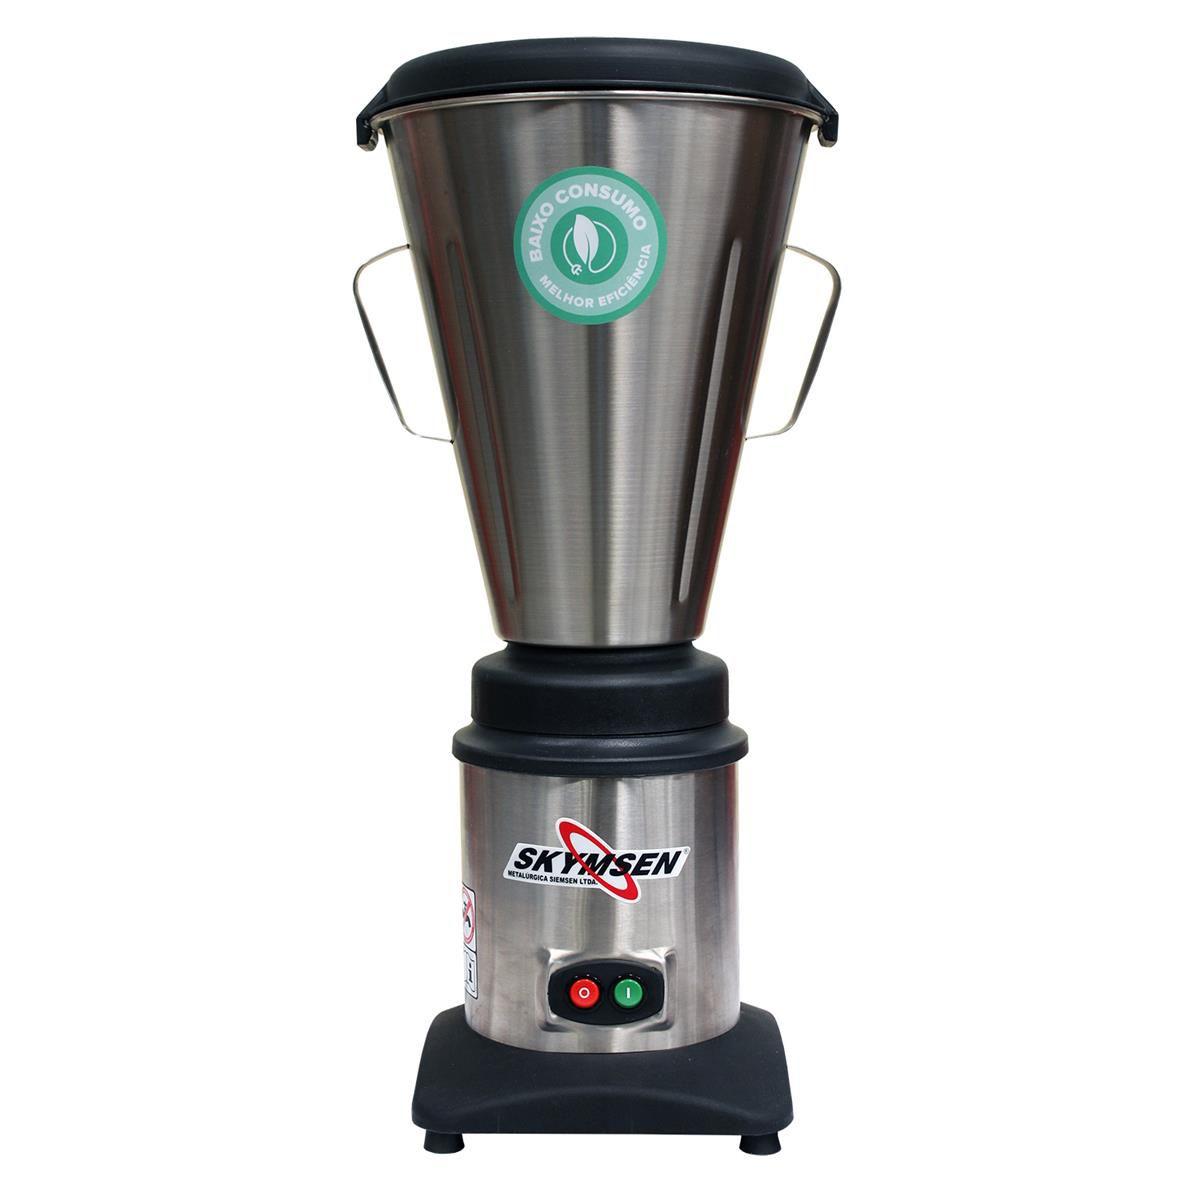 Liquidificador Comercial Inox Copo Monobloco Inox LC10 127v SKYMSEN